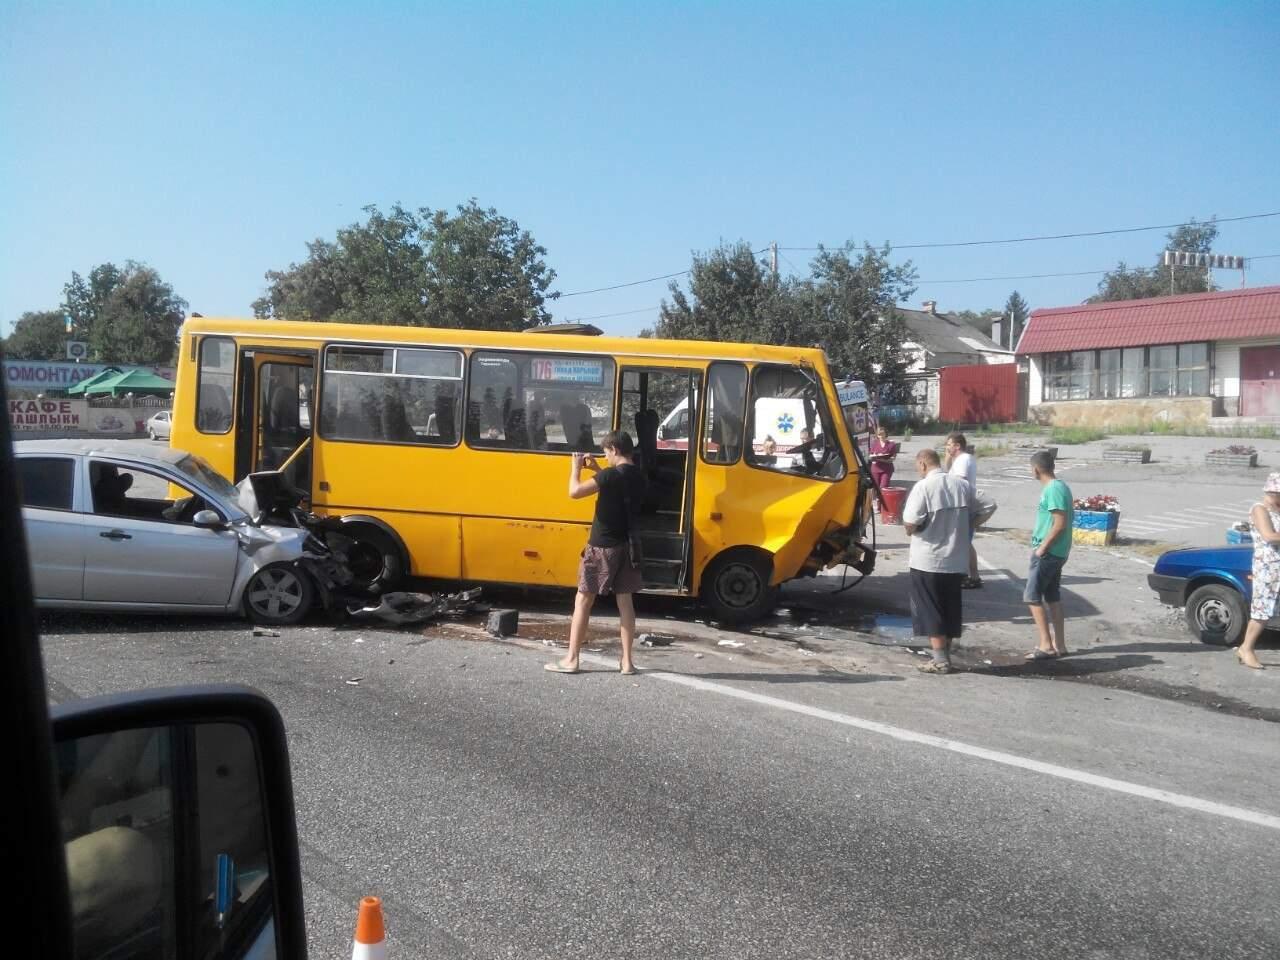 В районе авторынка Харькова произошло ДТП с участием пассажирского автобуса